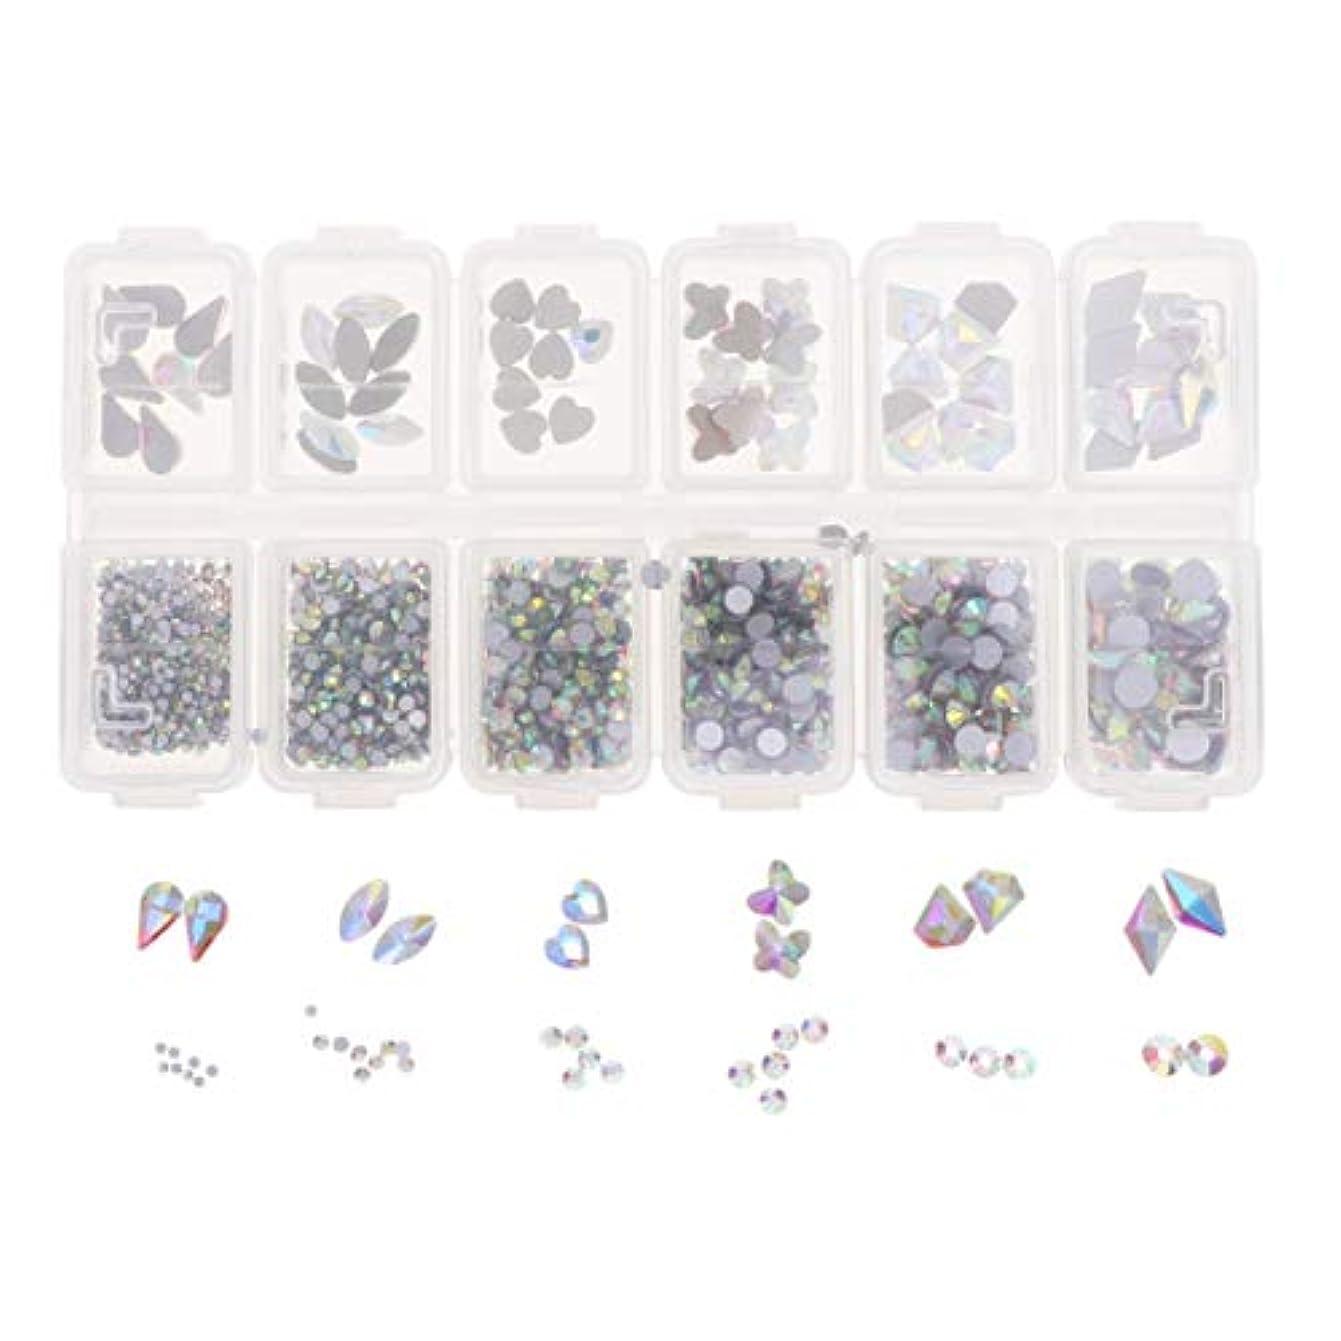 領域電極交換Lurrose 1788ピースネイルアートラインストーンキット12コンパートメントdiyラインストーンクリスタルダイヤモンドビーズ用女の子ネイルアート装飾用品